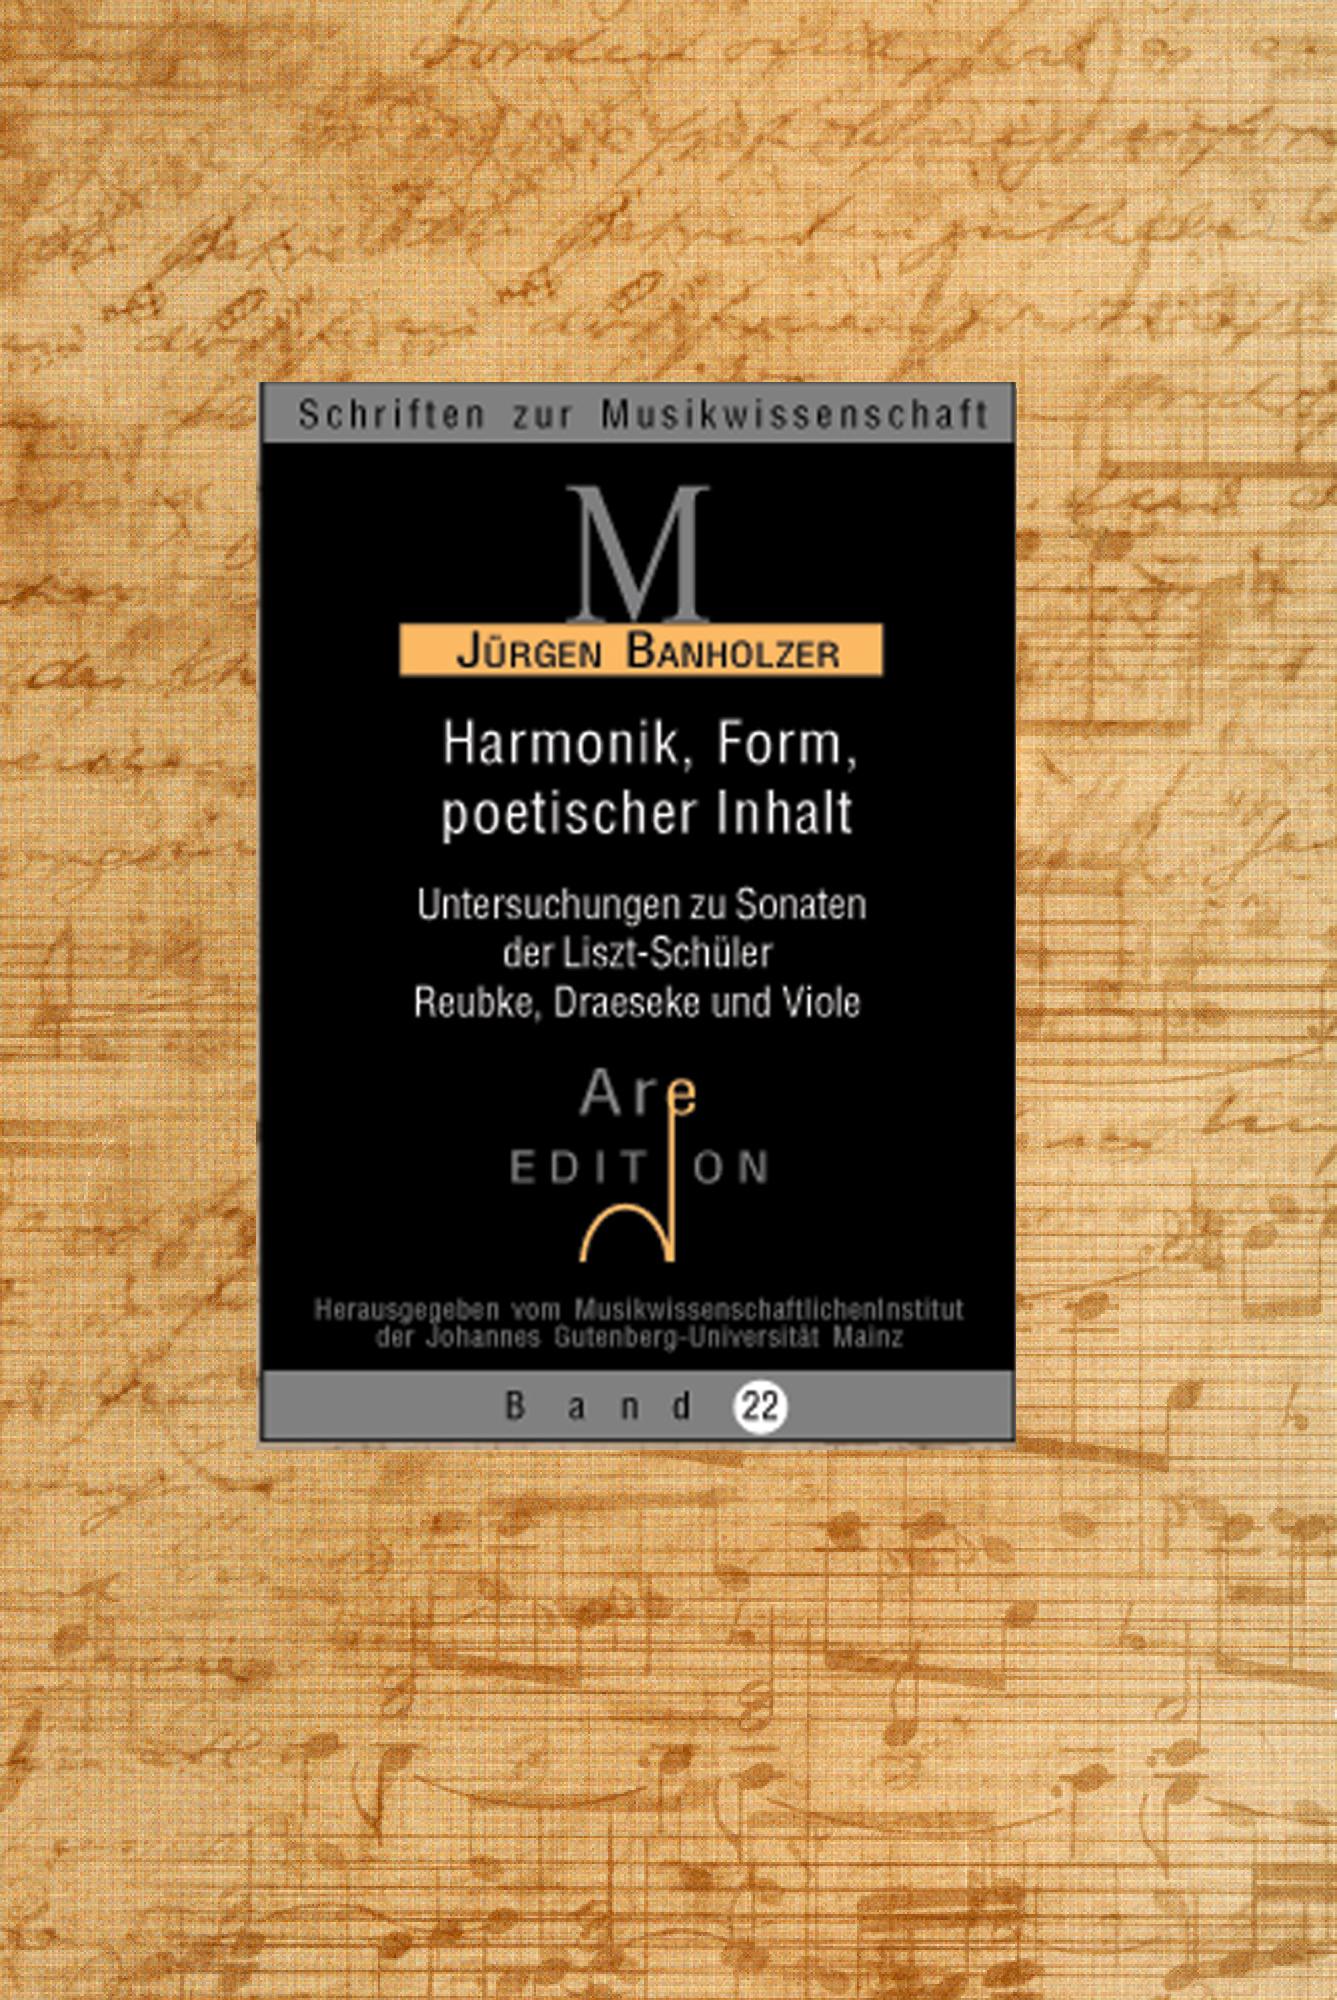 Banholzer, Jürgen: Harmonik, Form, poetischer Inhalt